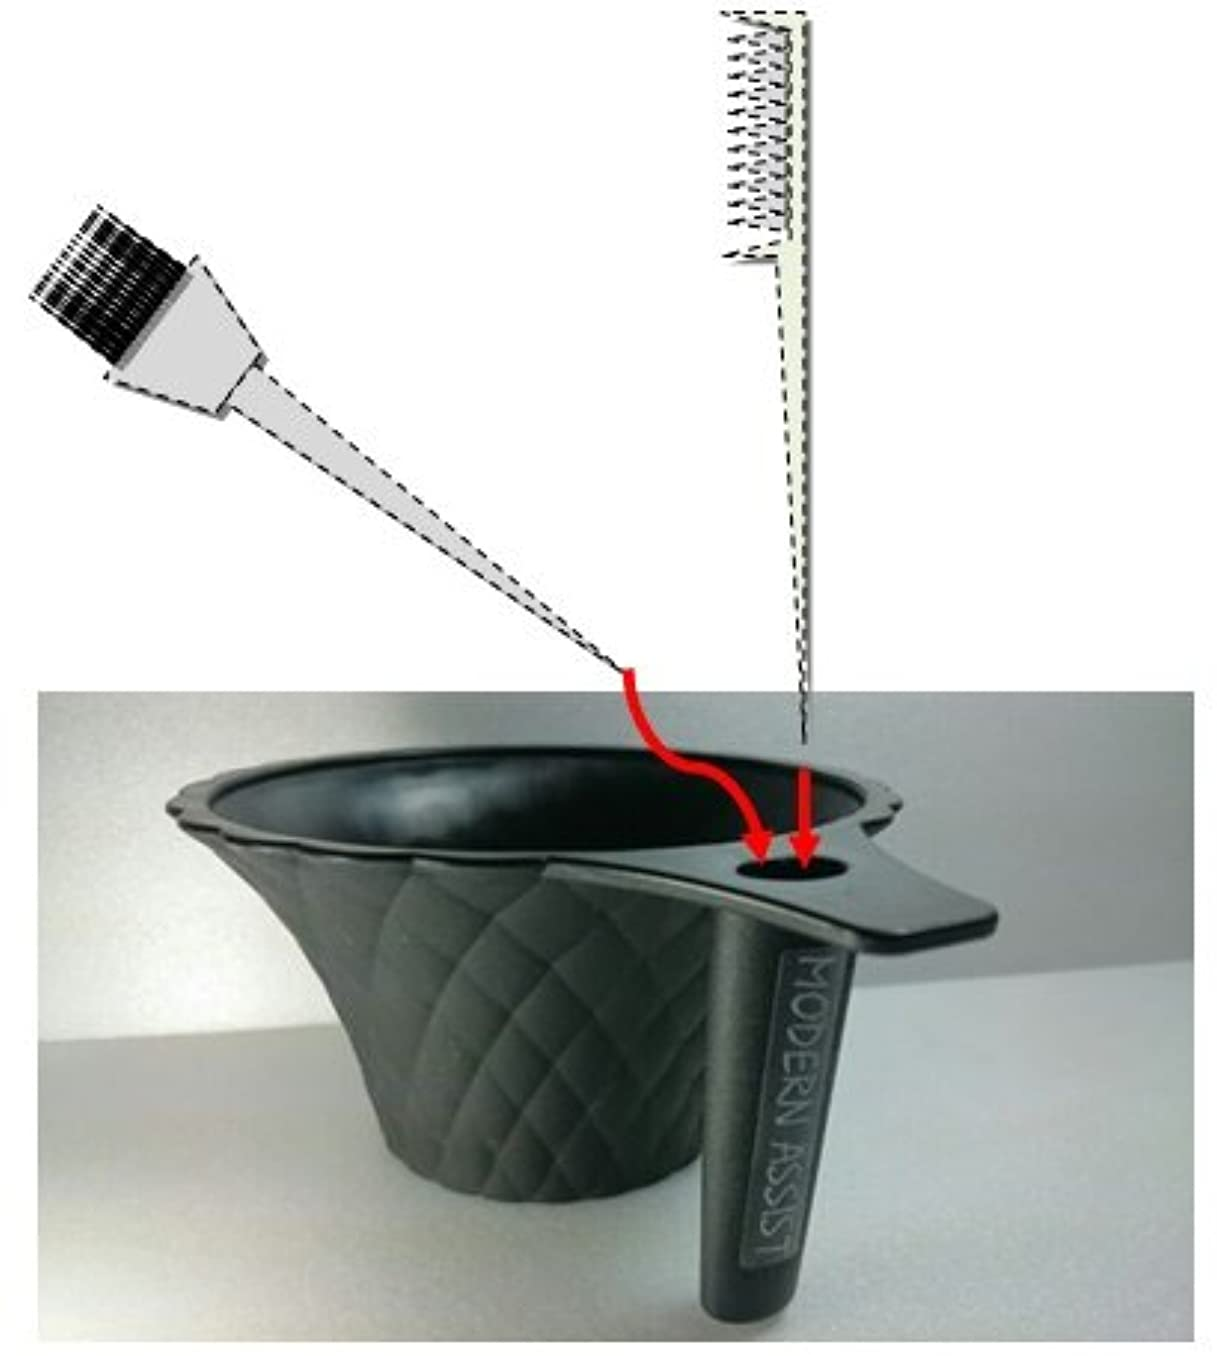 略語地平線彫る【ヘアダイカップ】 美容師用 カラーリングブラシが収納できる新機能ヘアカラーカップ 白髪染め おしゃれ染め